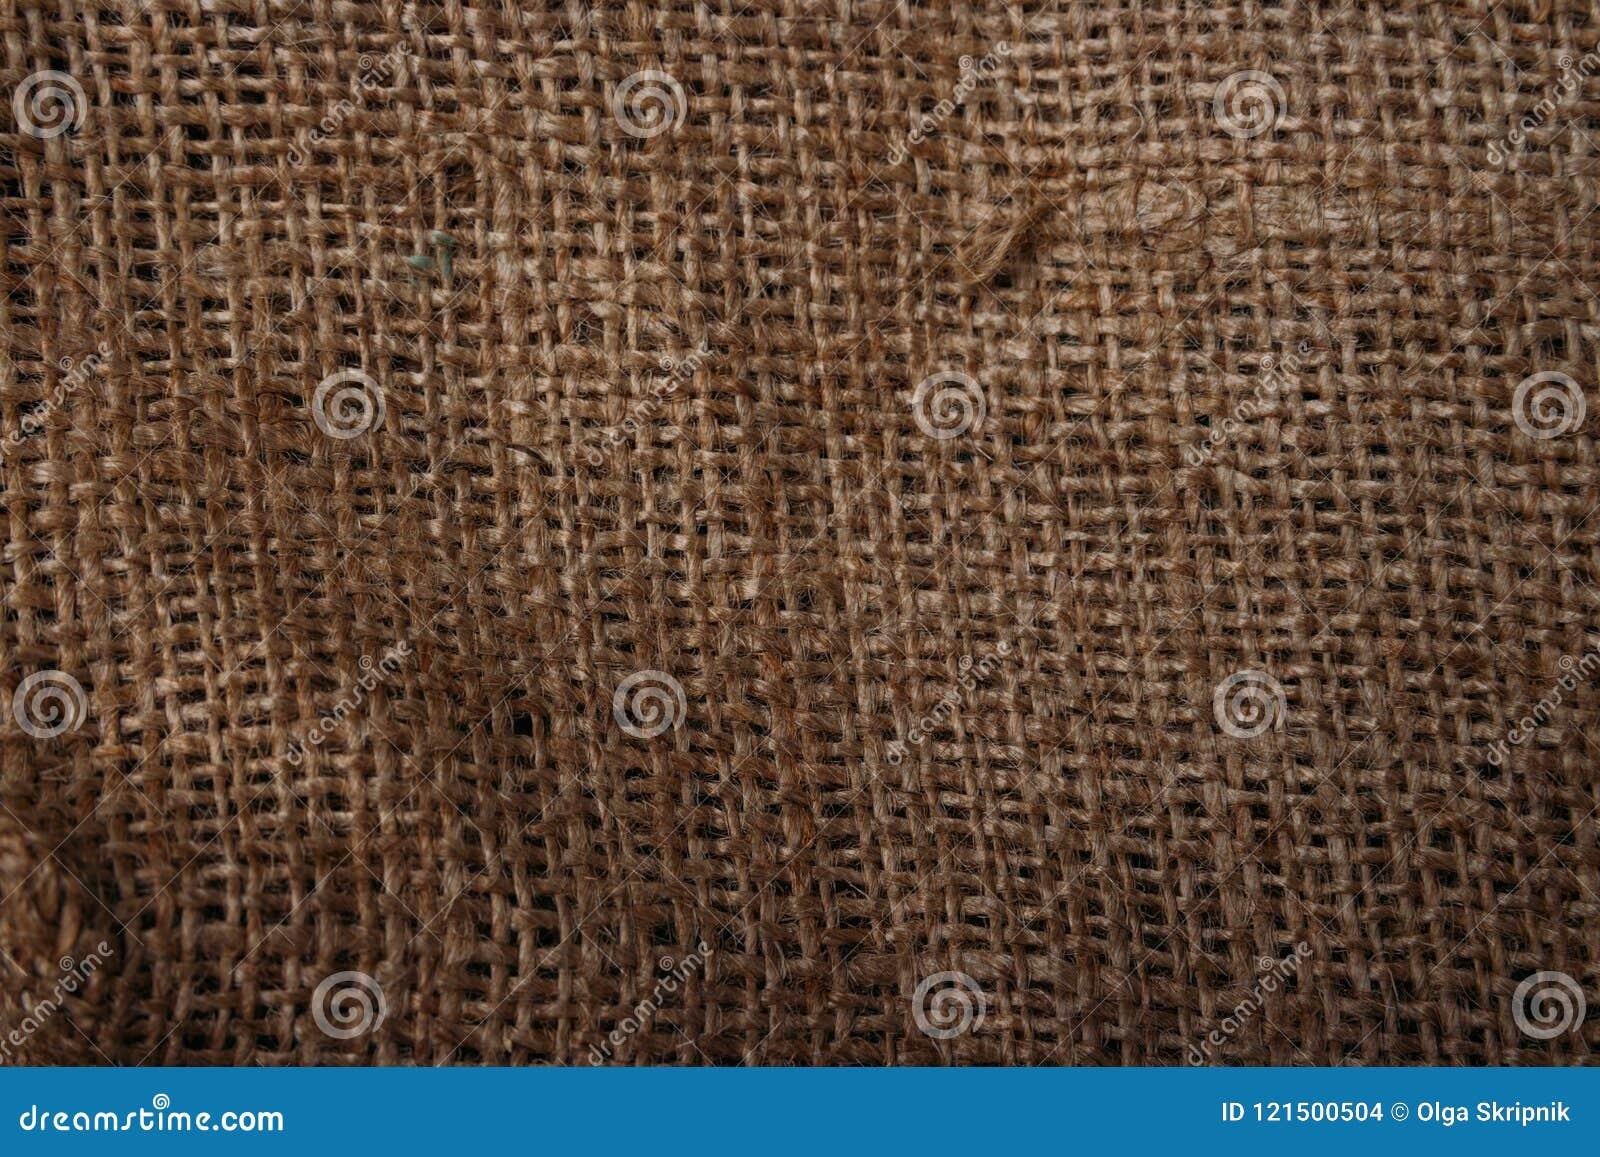 Tło wsiada horyzontalną węźlastej sosny teksturę Tło naturalny brown płótno ciemnienie krawędzie Parciana tekstura